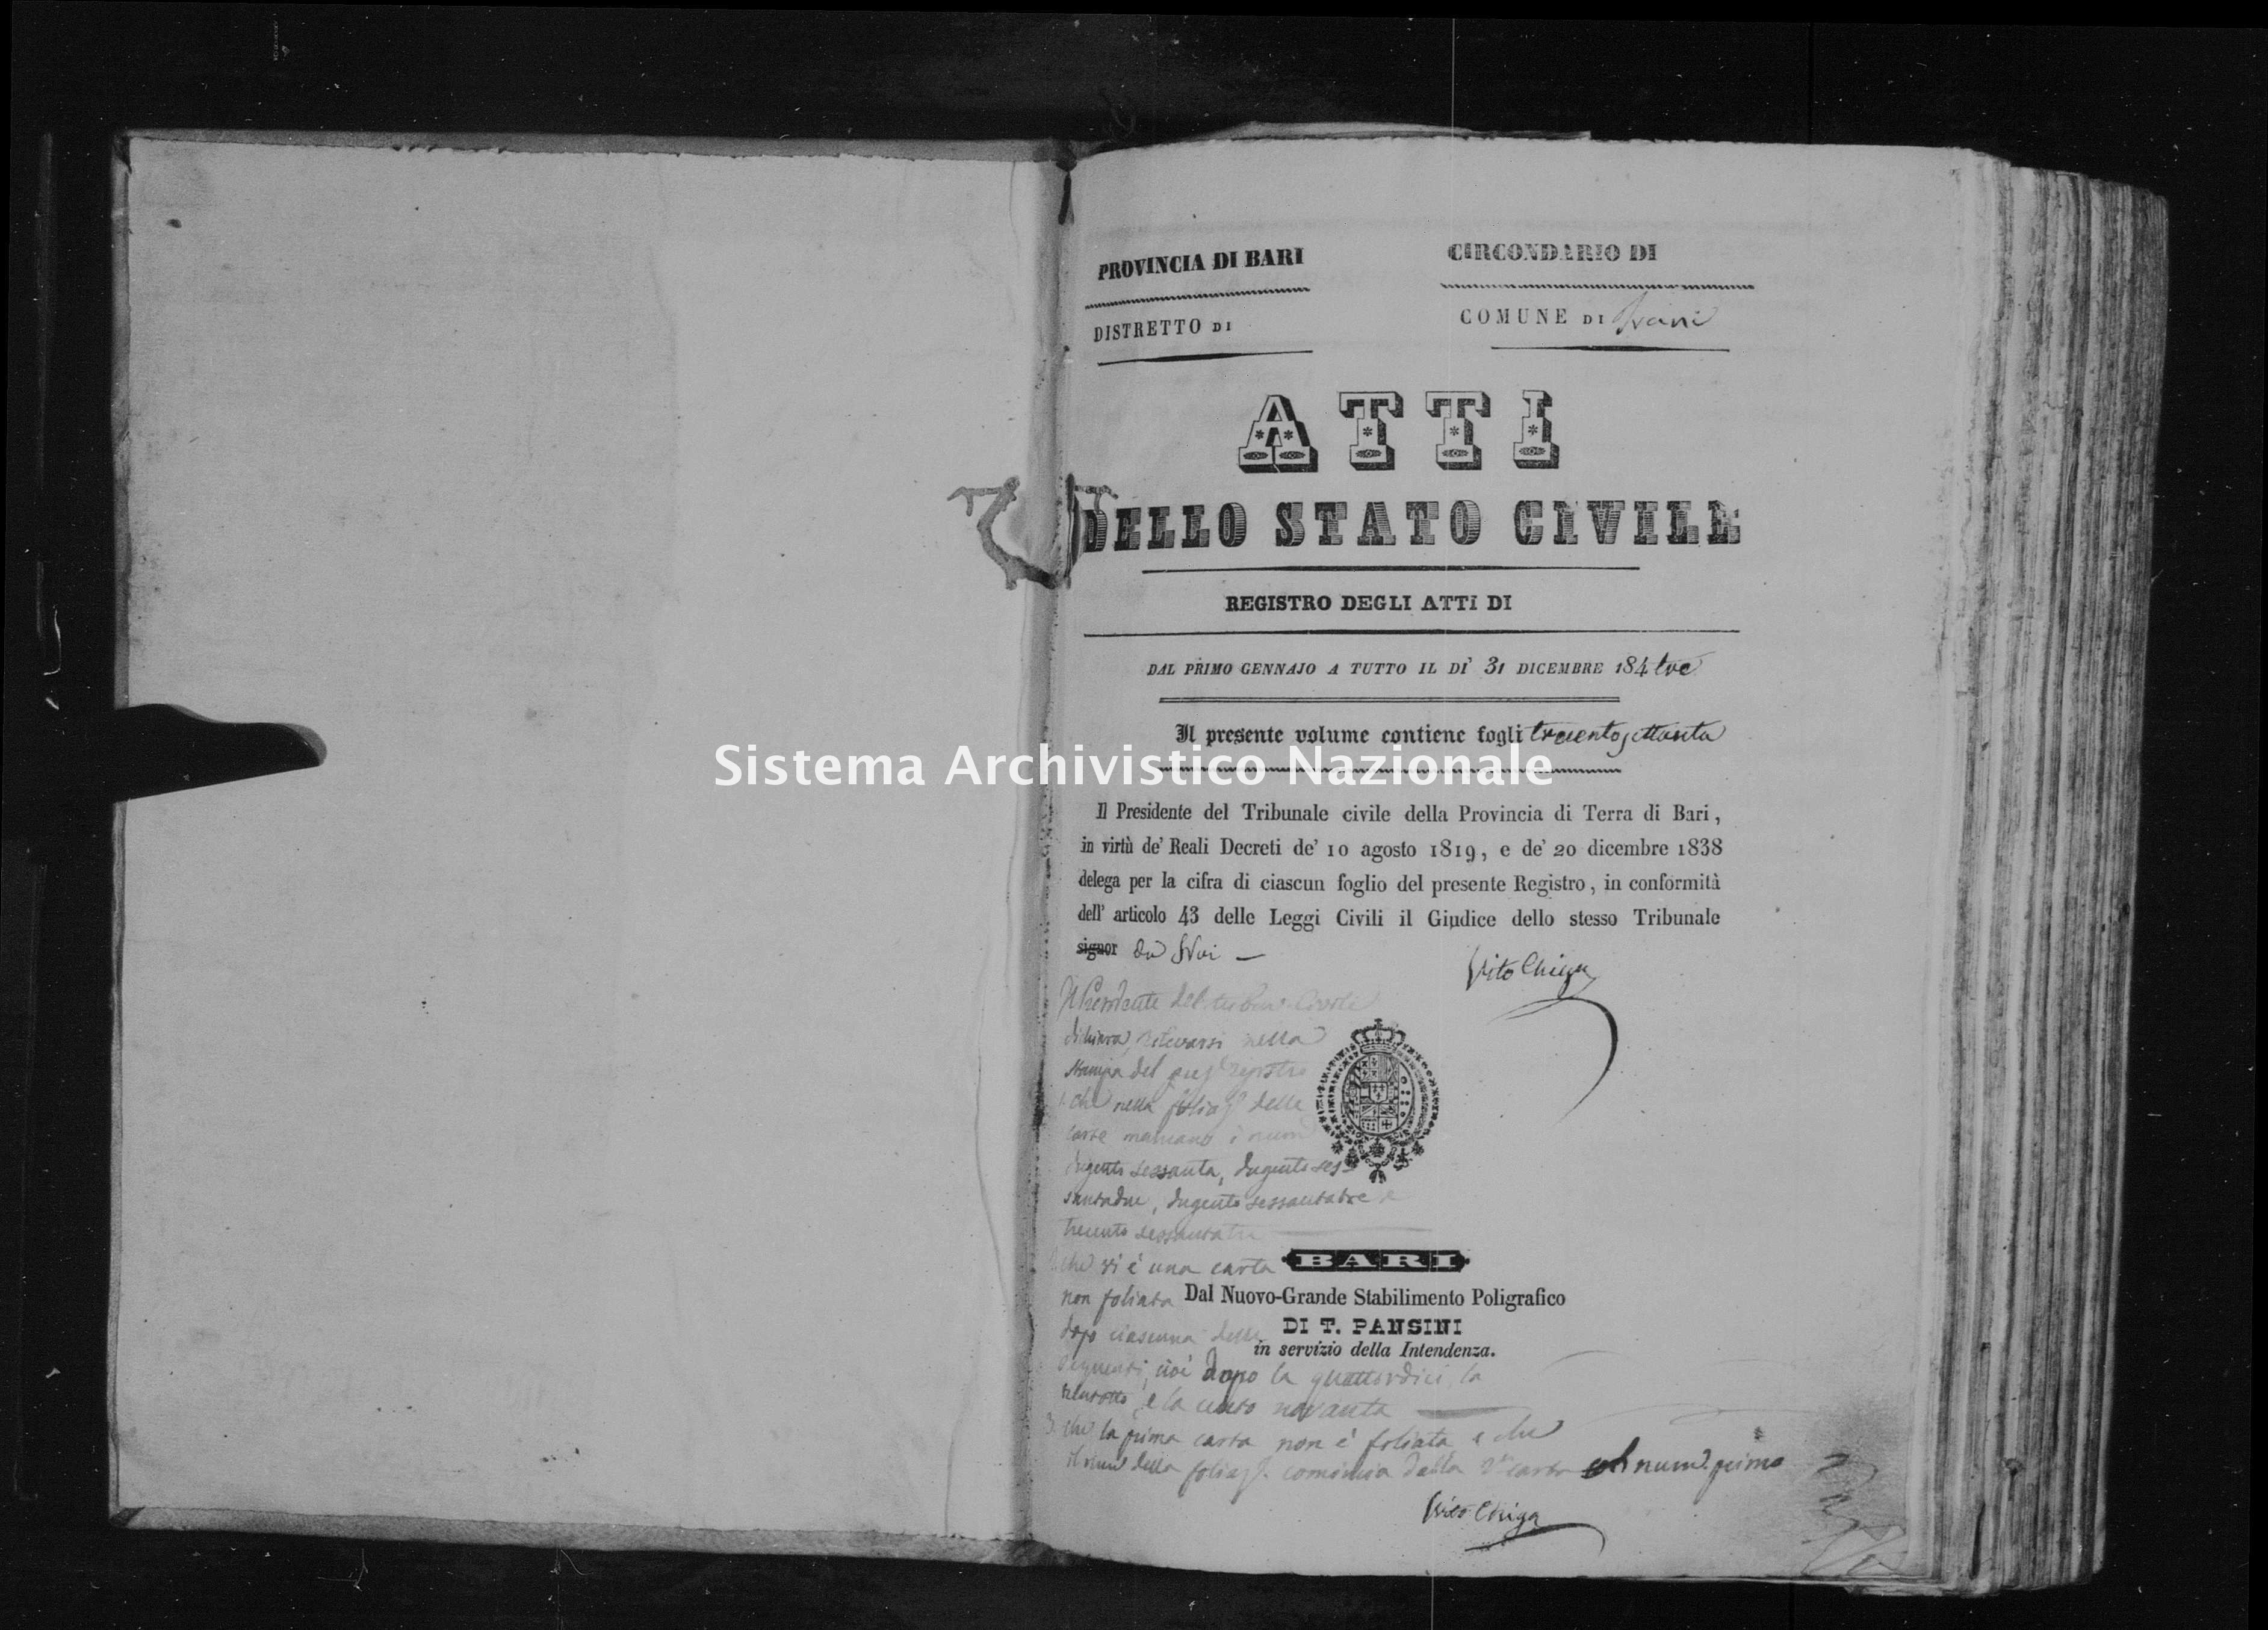 Archivio di stato di Bari - Stato civile della restaurazione - Trani - Nati - 1843 - Parte 2 -